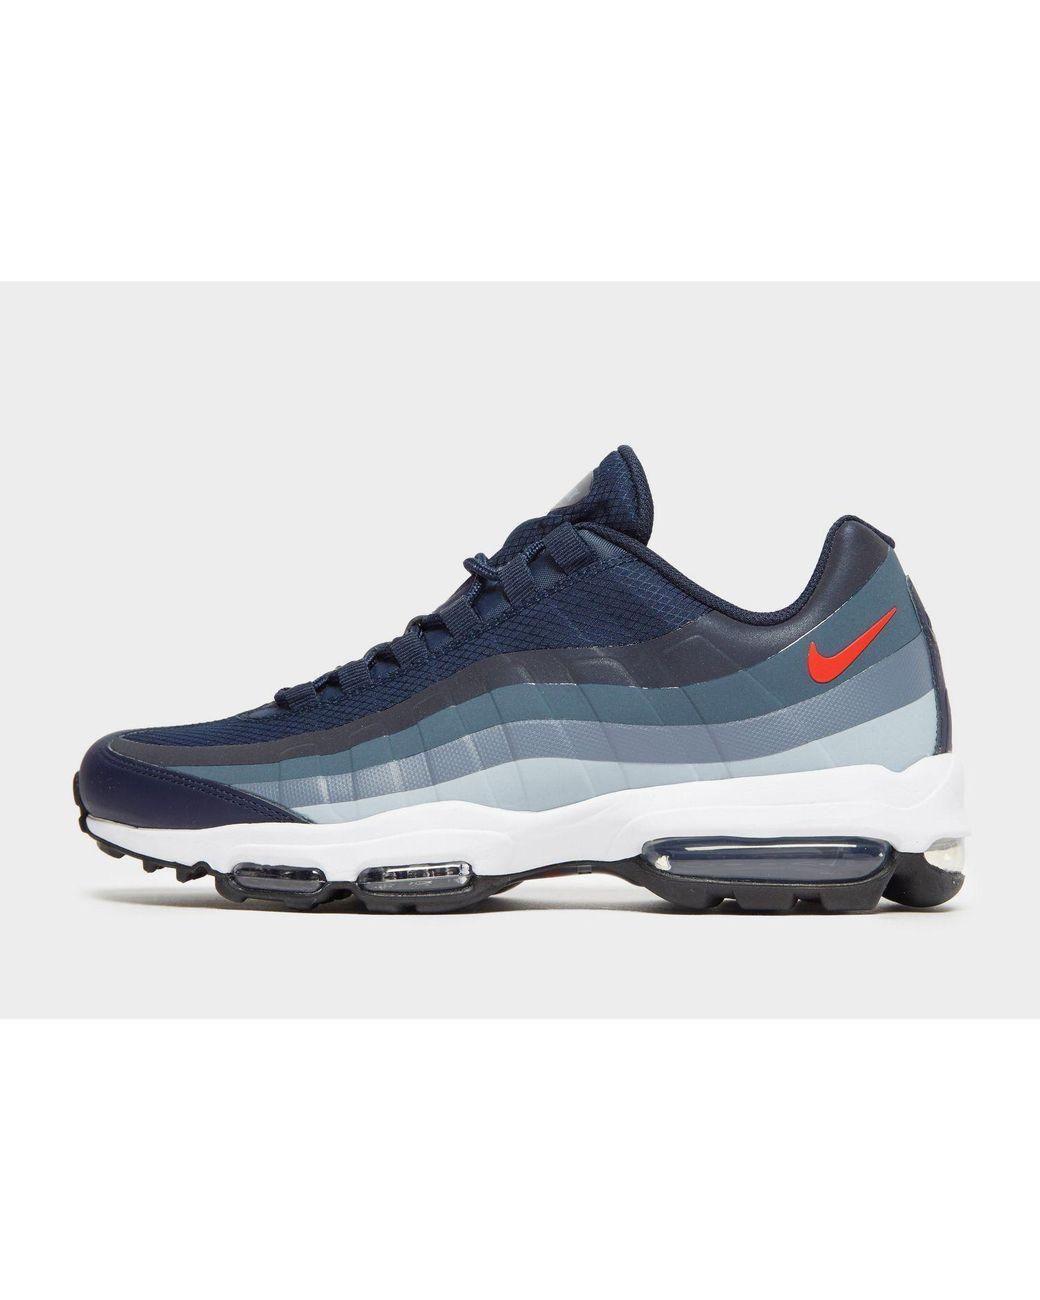 on sale 8e184 3f23f Nike. Men s Blue Air Max 95 Ultra Se.  175 From JD Sports